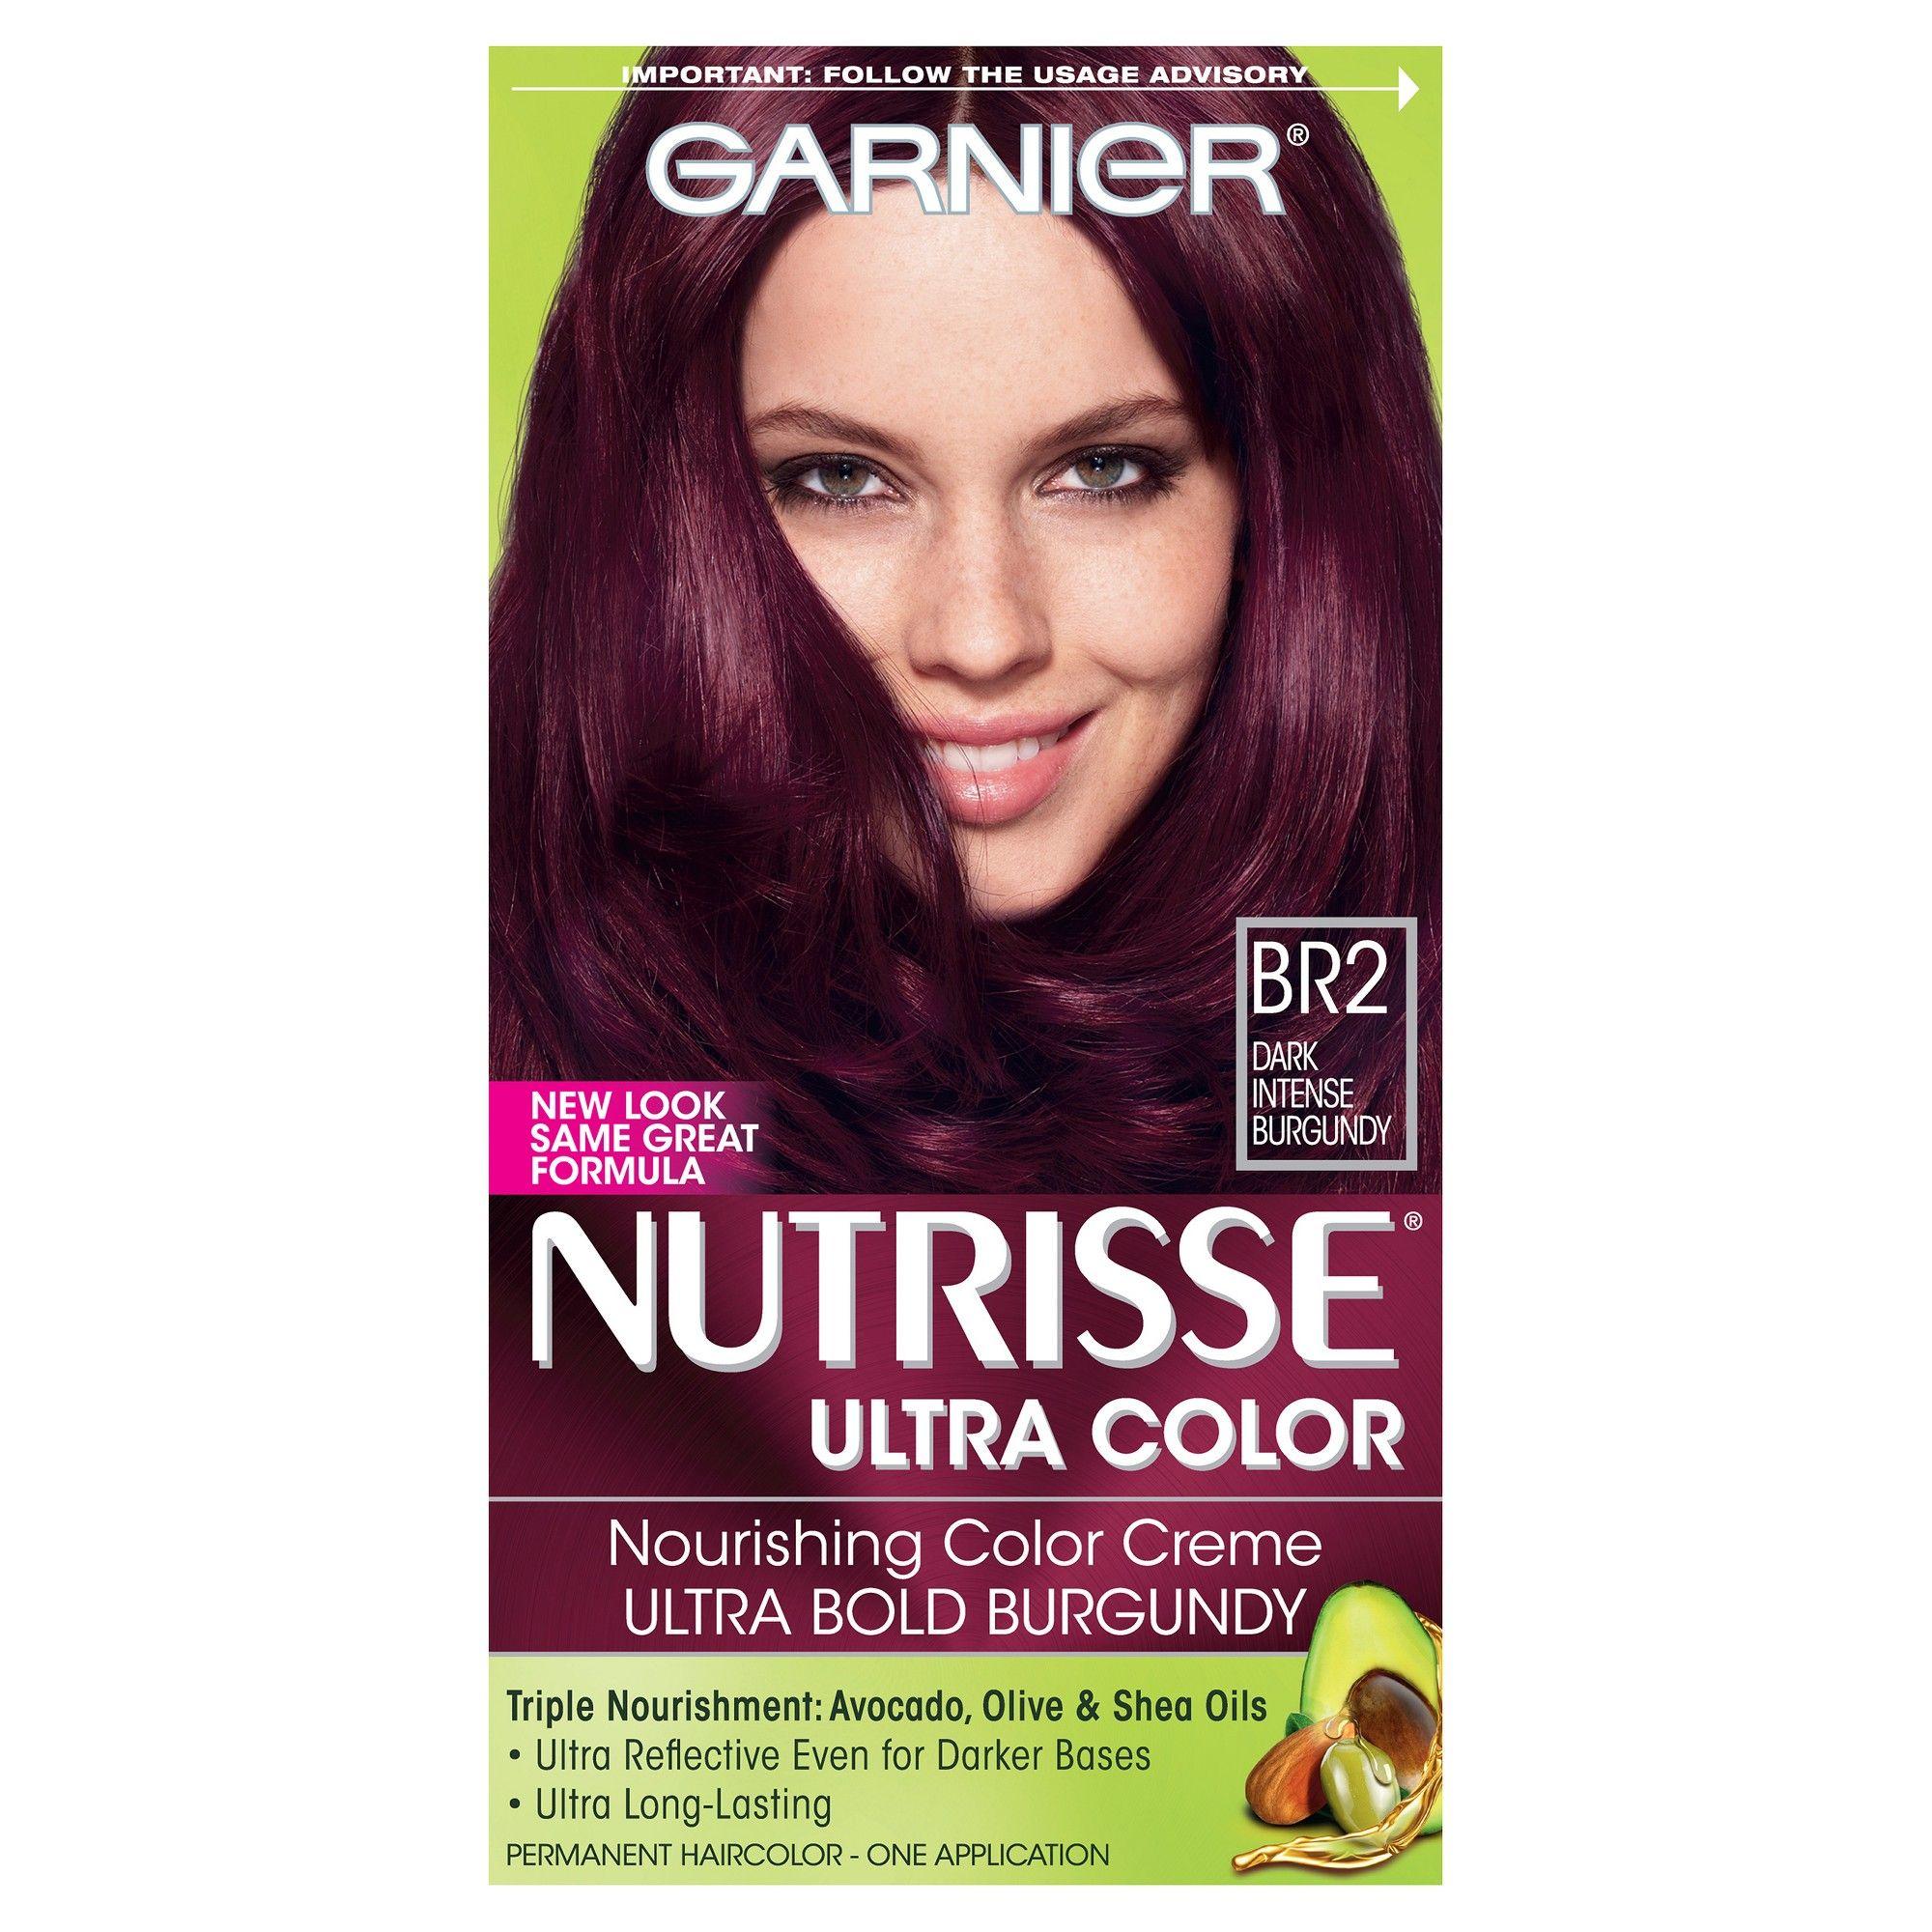 Garnier Nutrisse Ultra Color Nourishing Color Creme Br2 Dark Intense Burgundy In 2020 Hair Color Cream Hair Color Formulas Garnier Hair Color